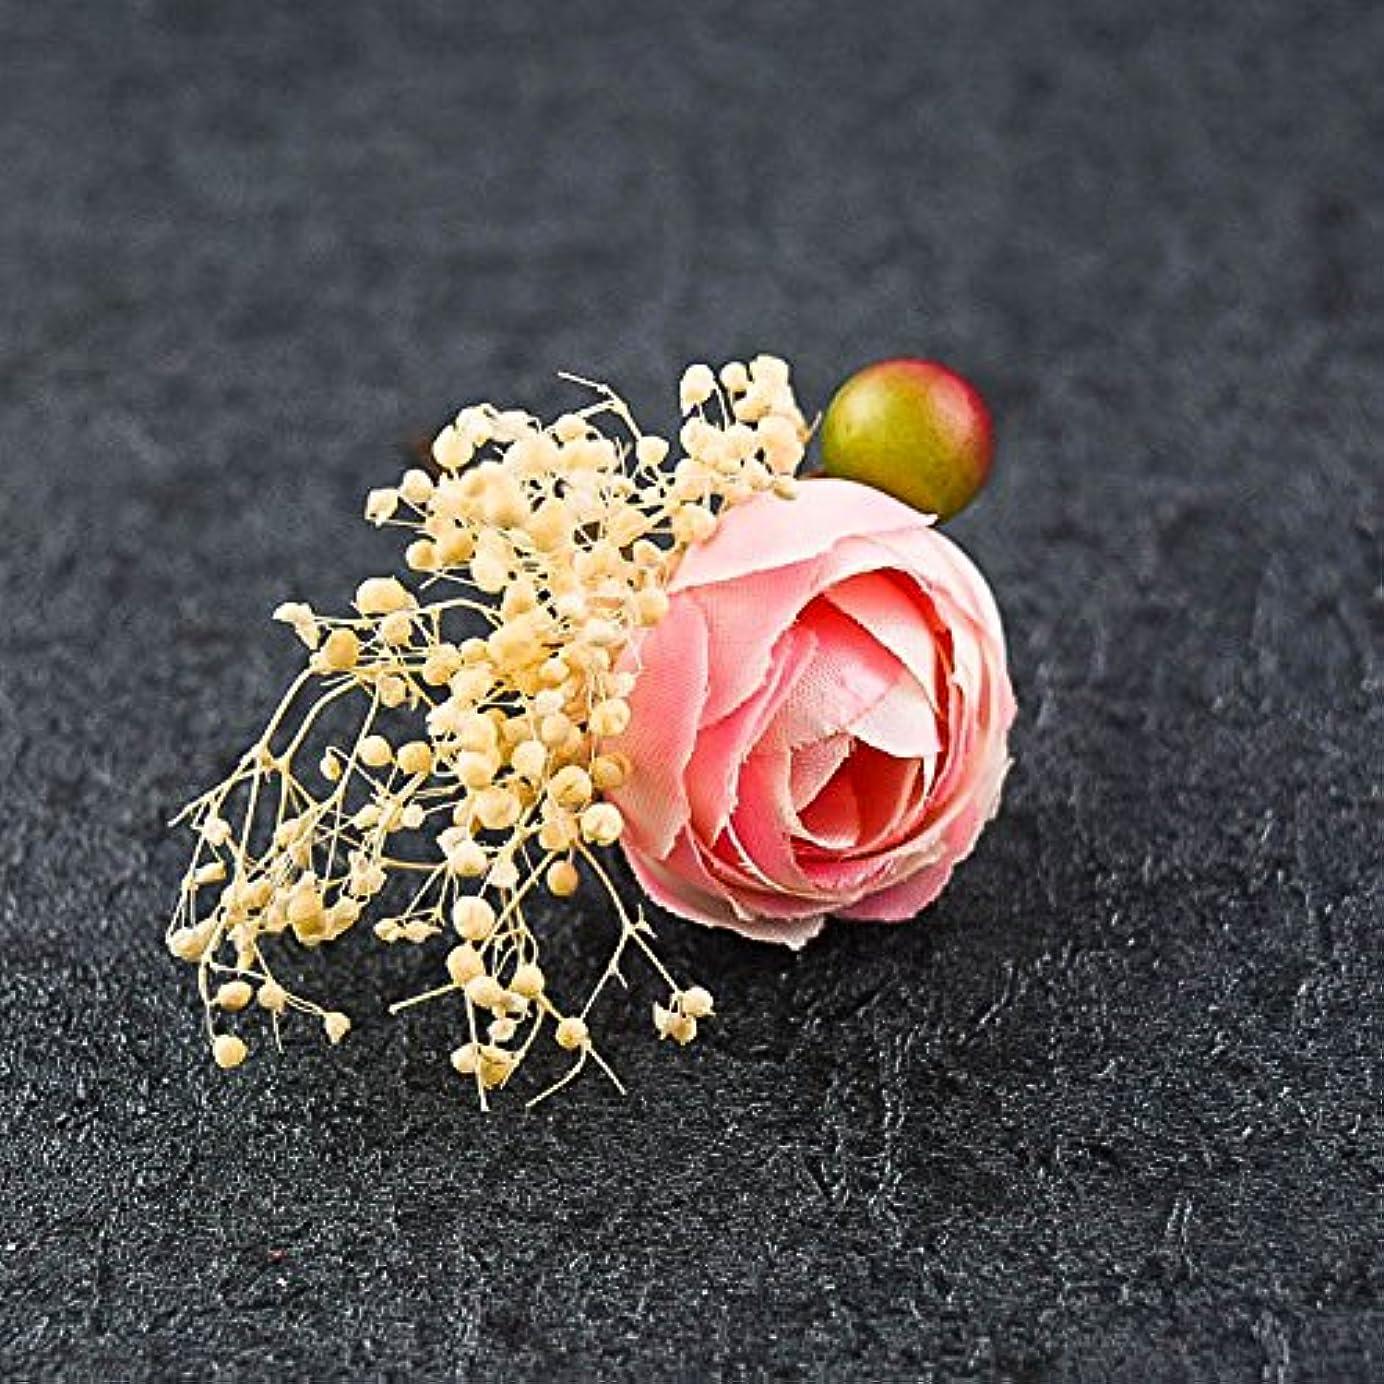 パターンおめでとう賞賛HuaQingPiJu-JP クラシックフラワーヘアクリップマニュアルパレス結婚式アクセサリーエレガントなコートヘアクリップギフト(ライトピンク)